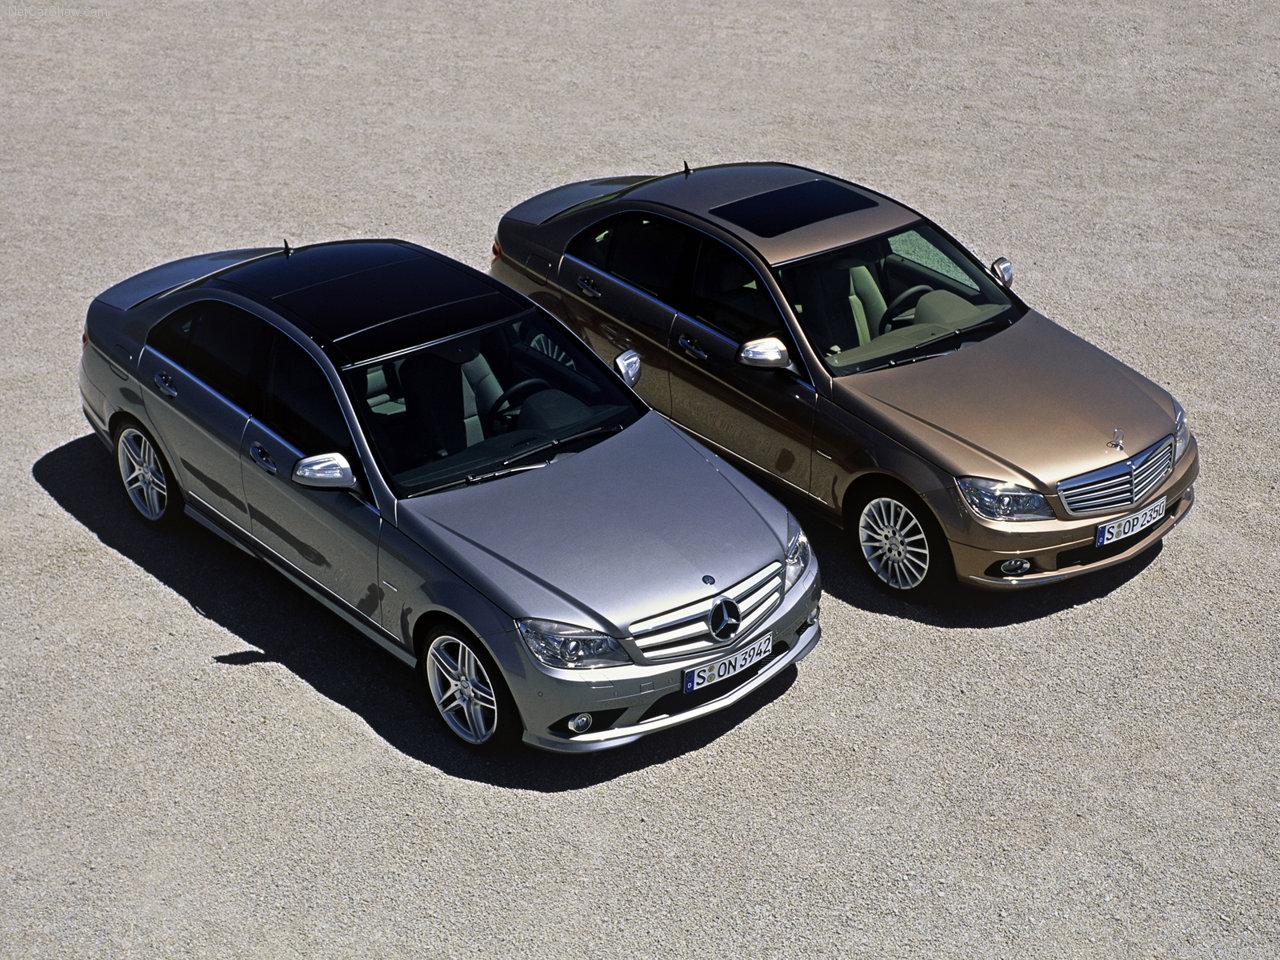 mercedes-benz-c-class-2008-1280-2c.jpg